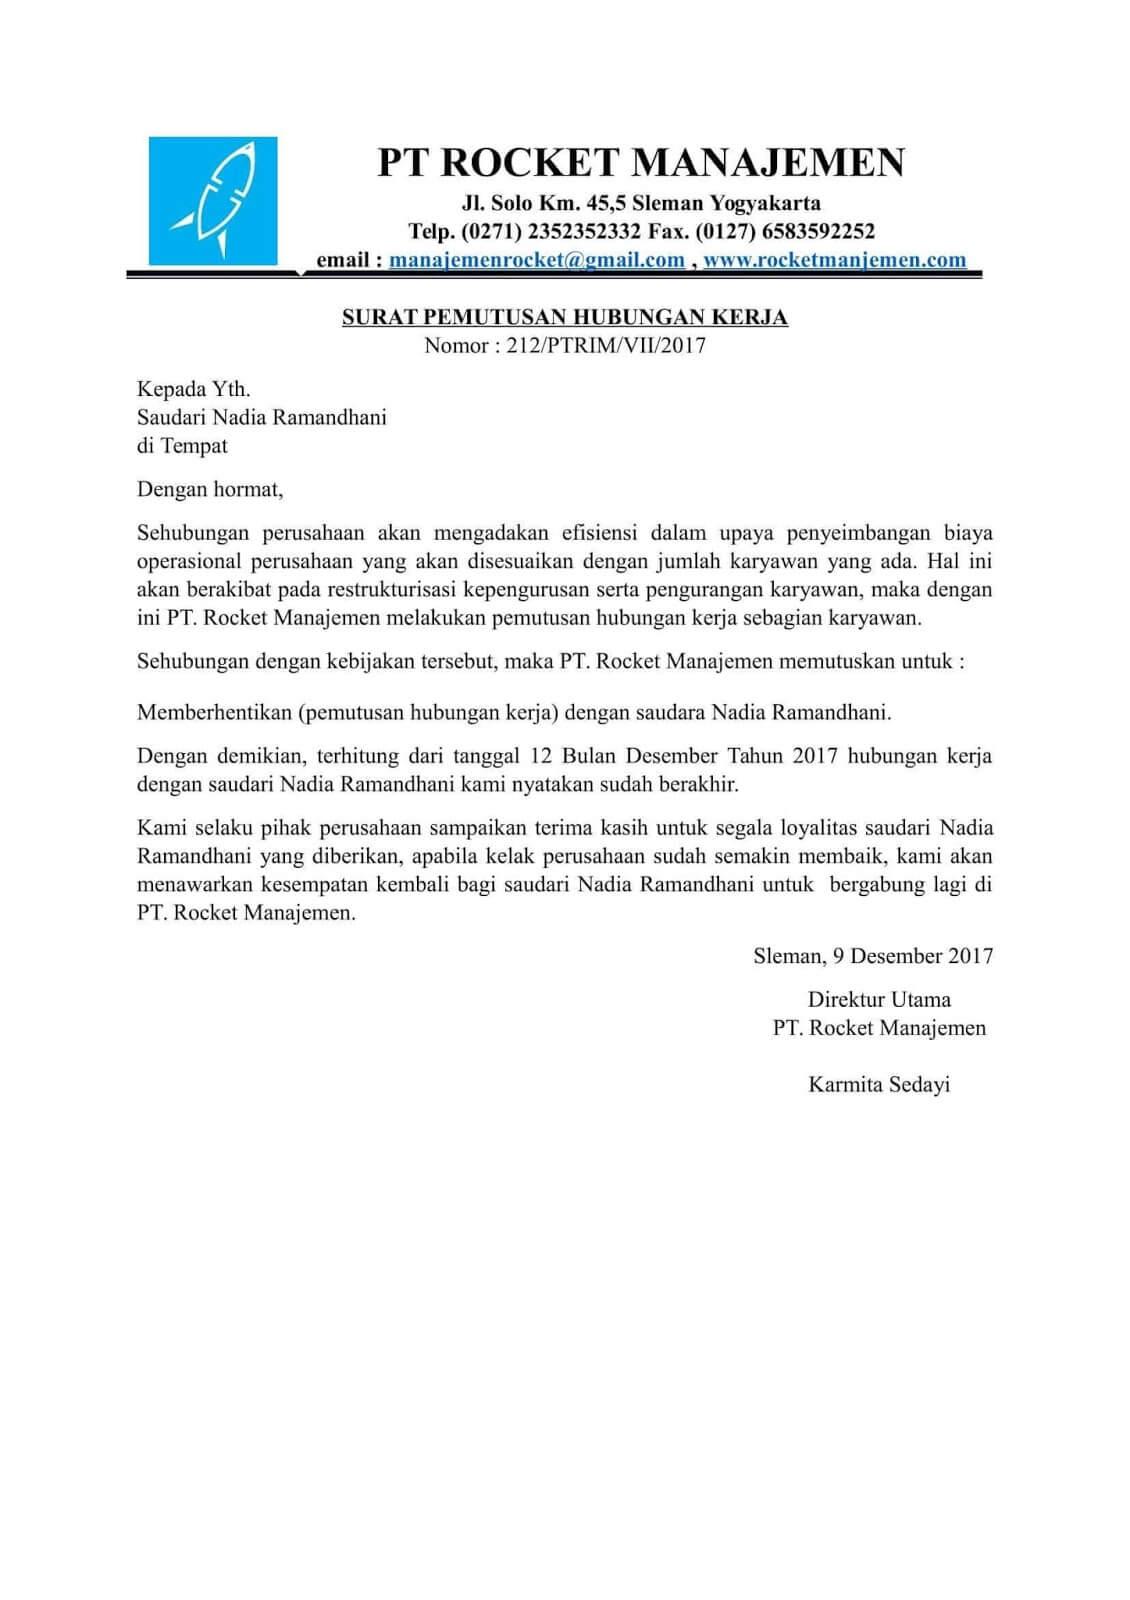 contoh surat phk karena perusahaan pailit